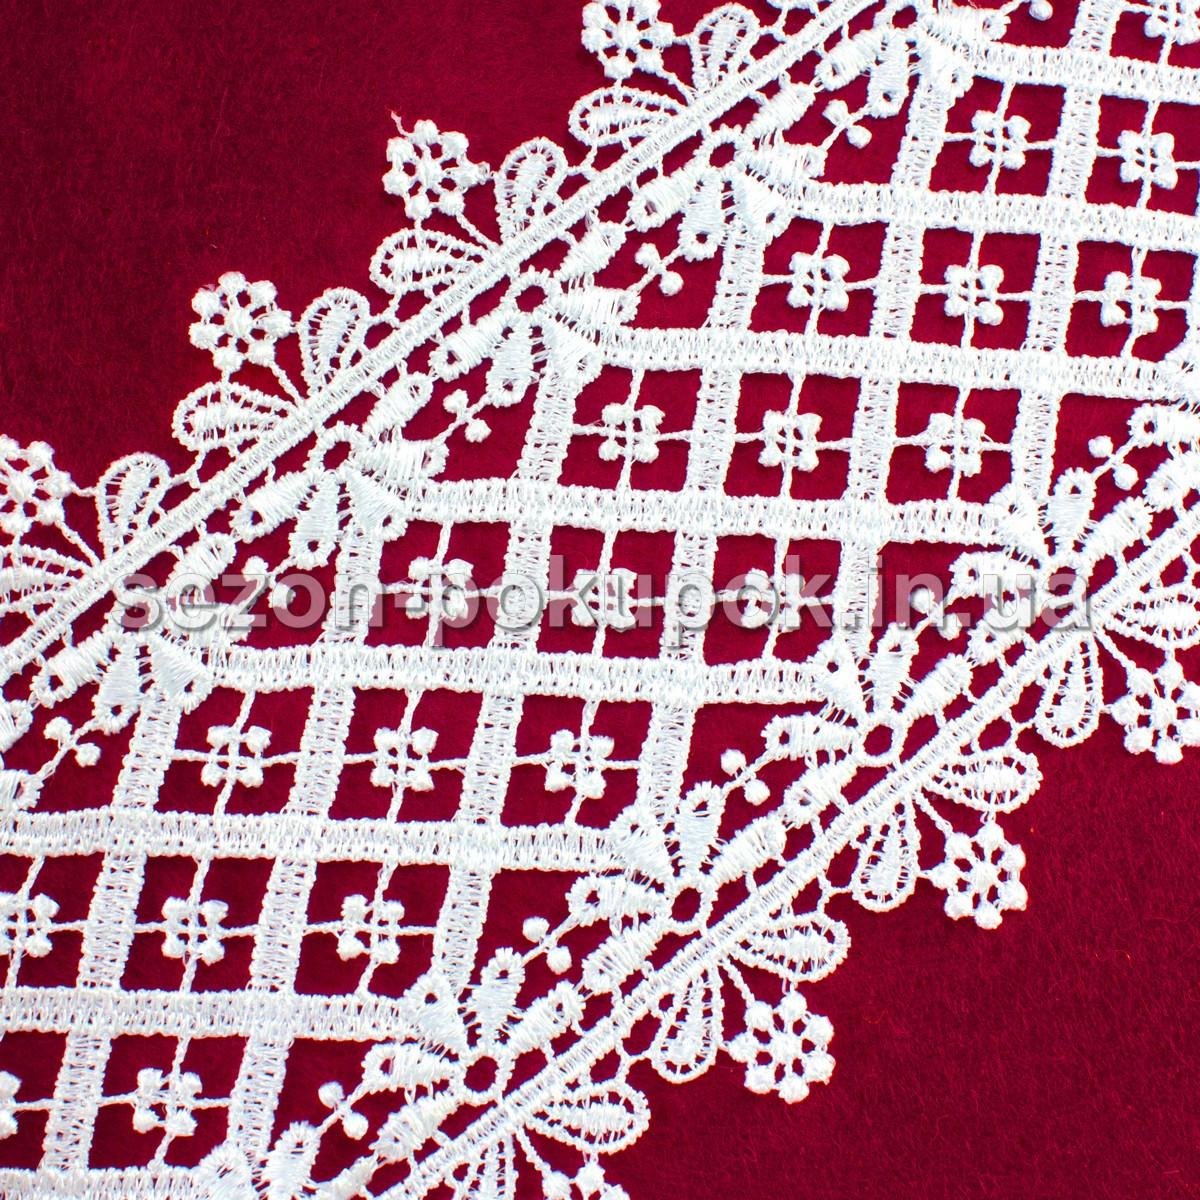 (20 ярдов) Кружево макраме с кордом Код 10518, ширина 10,5см Цвет - БЕЛЫЙ